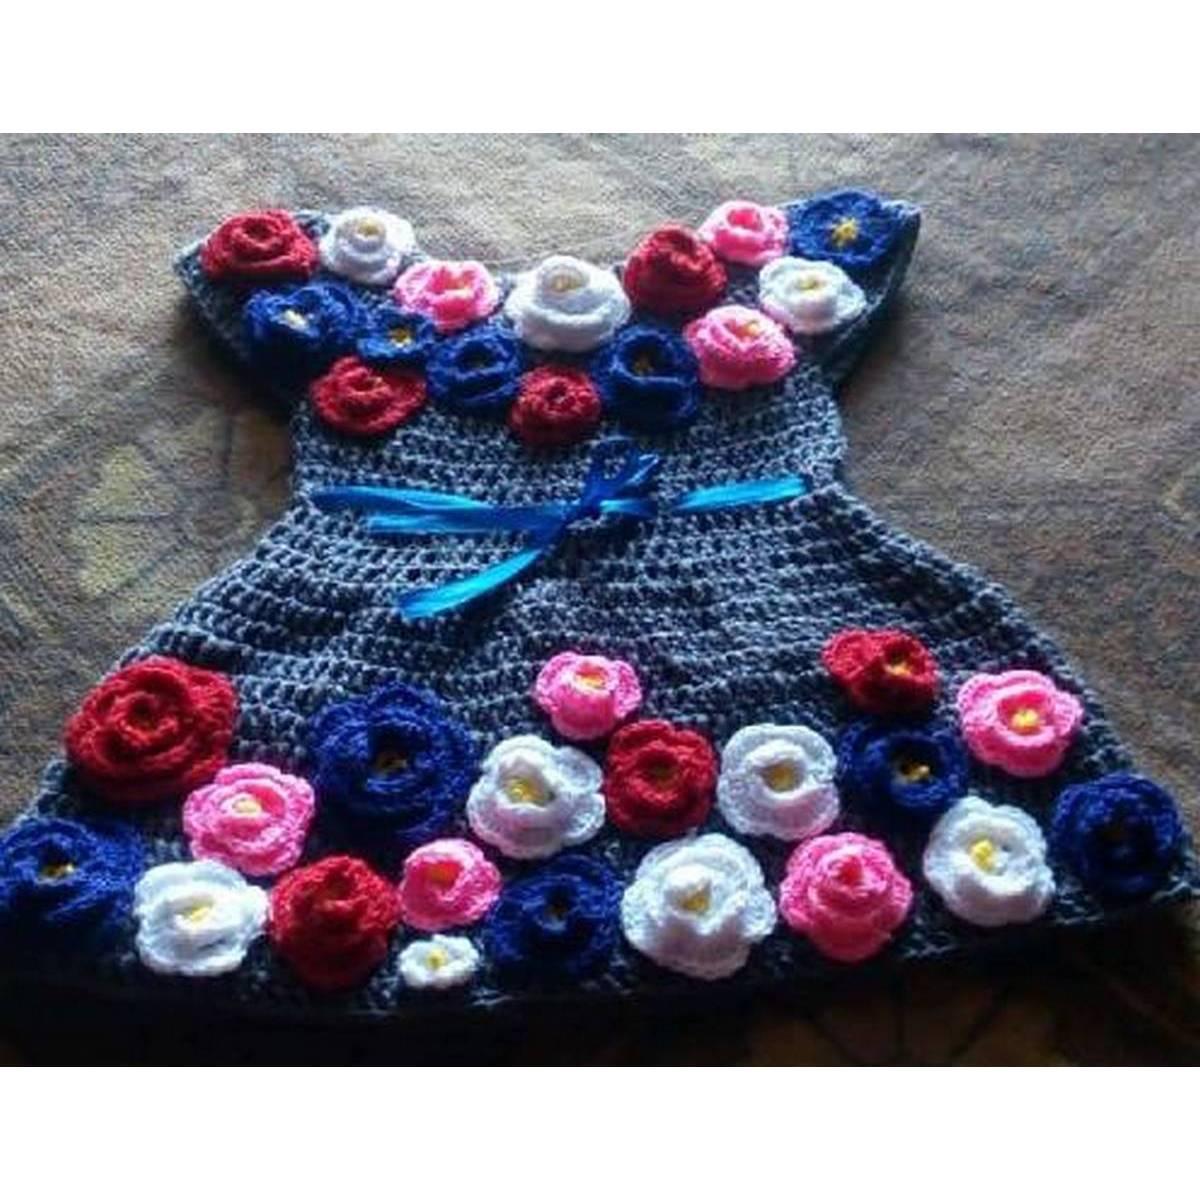 Woolen Baby Frock, Crochet Frock Full Set